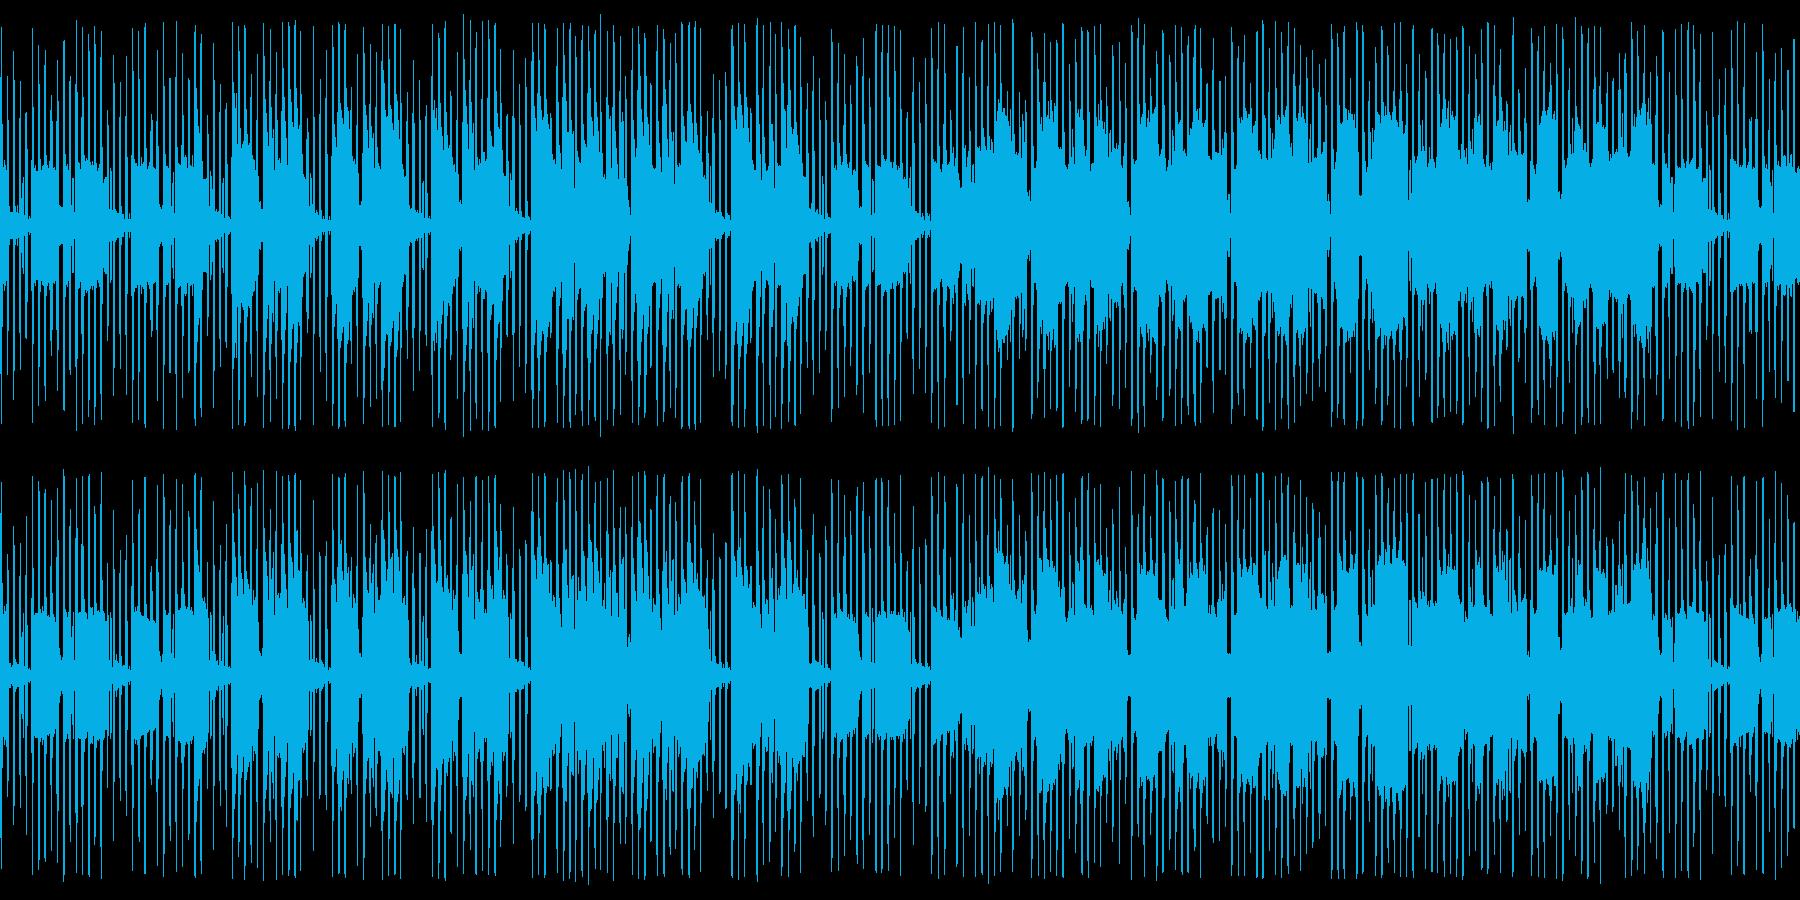 渋い雰囲気のチップチューンの再生済みの波形